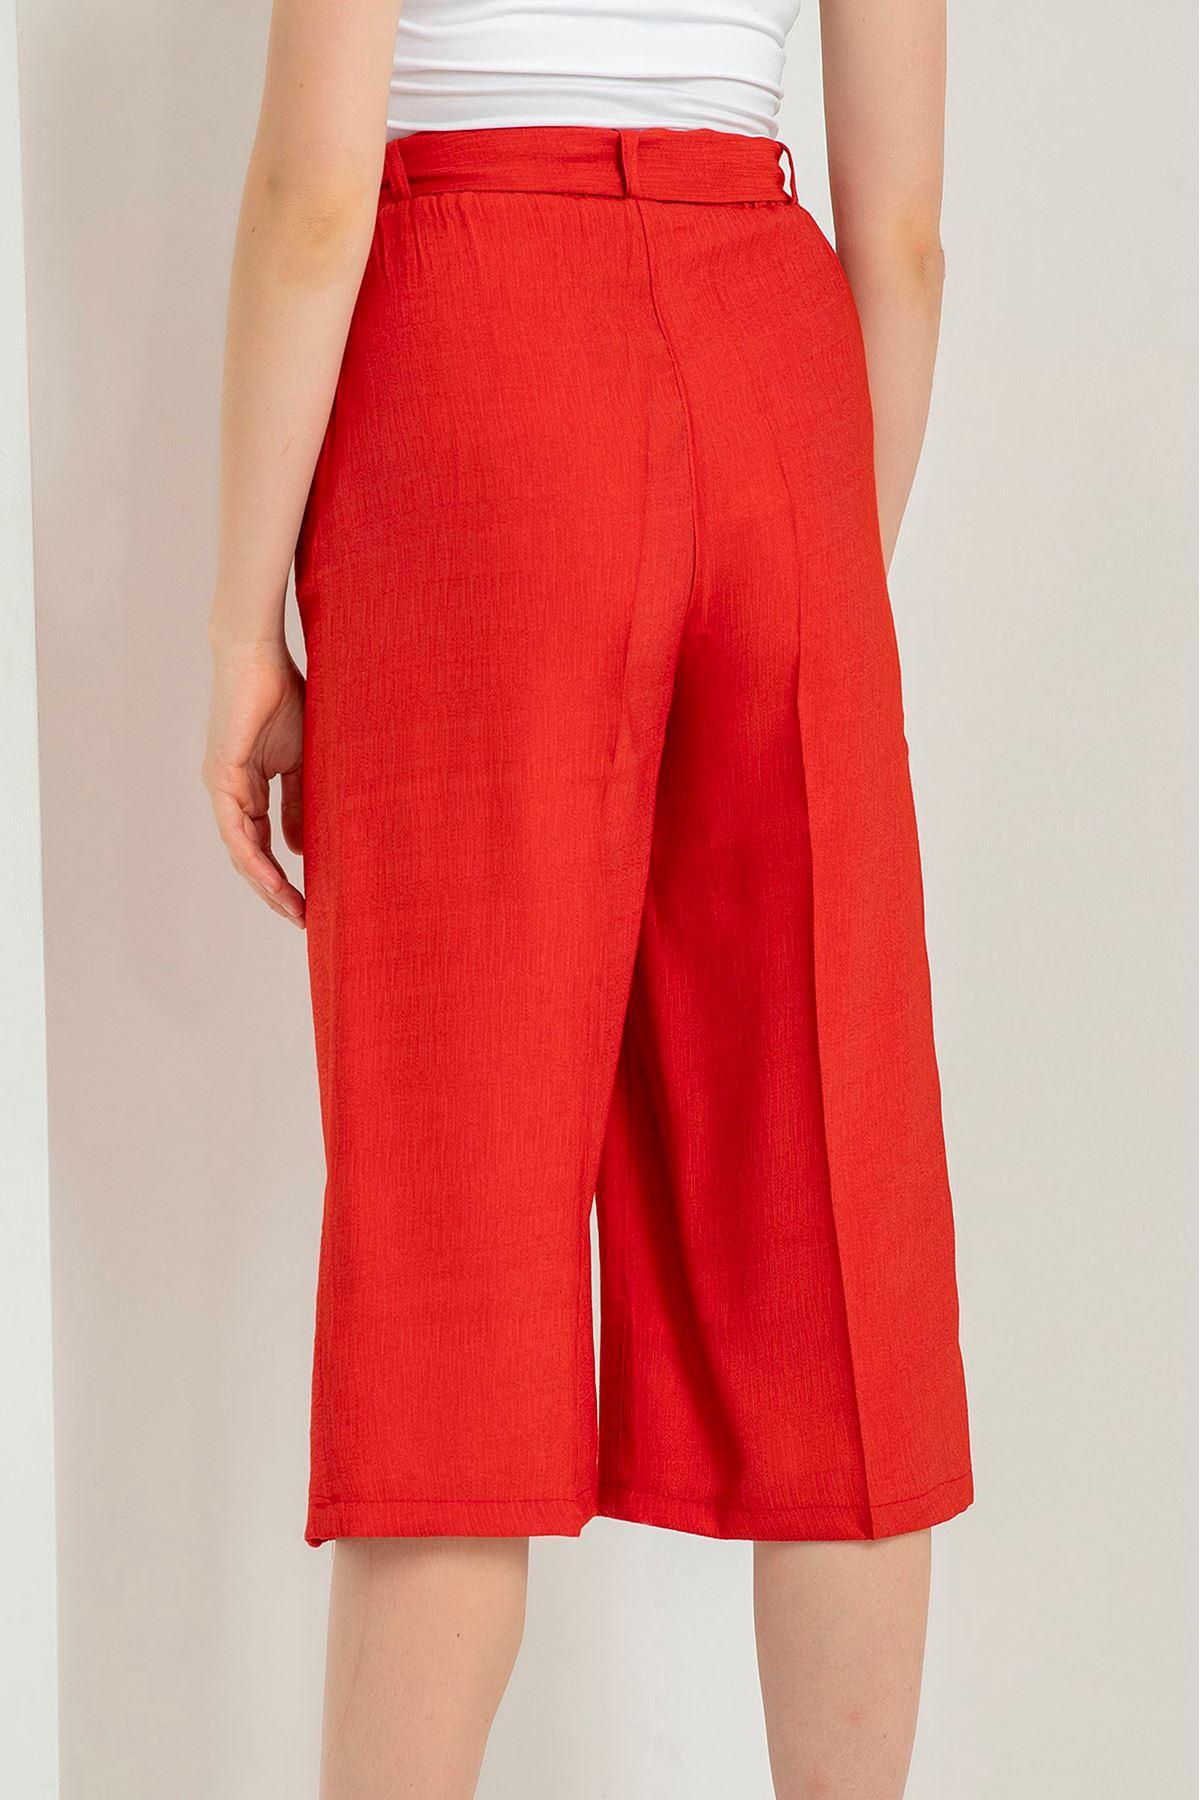 Kuşaklı Midi Pantolon-Kırmızı